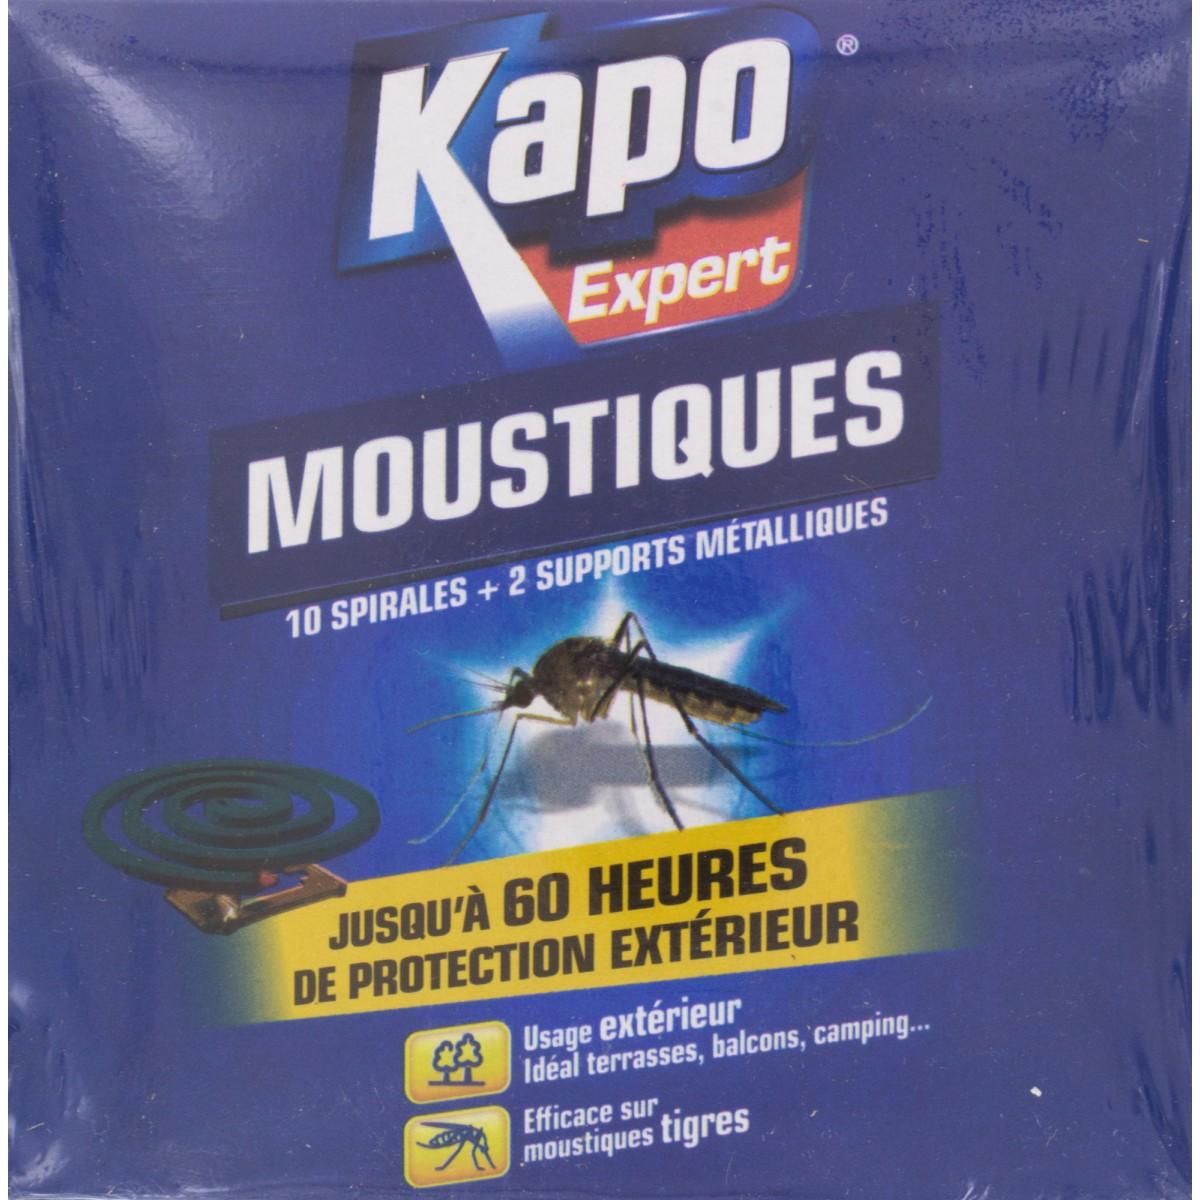 Moustiques spirale kapo expert 10 spirales de spirale anti moustique for Peinture anti insecte